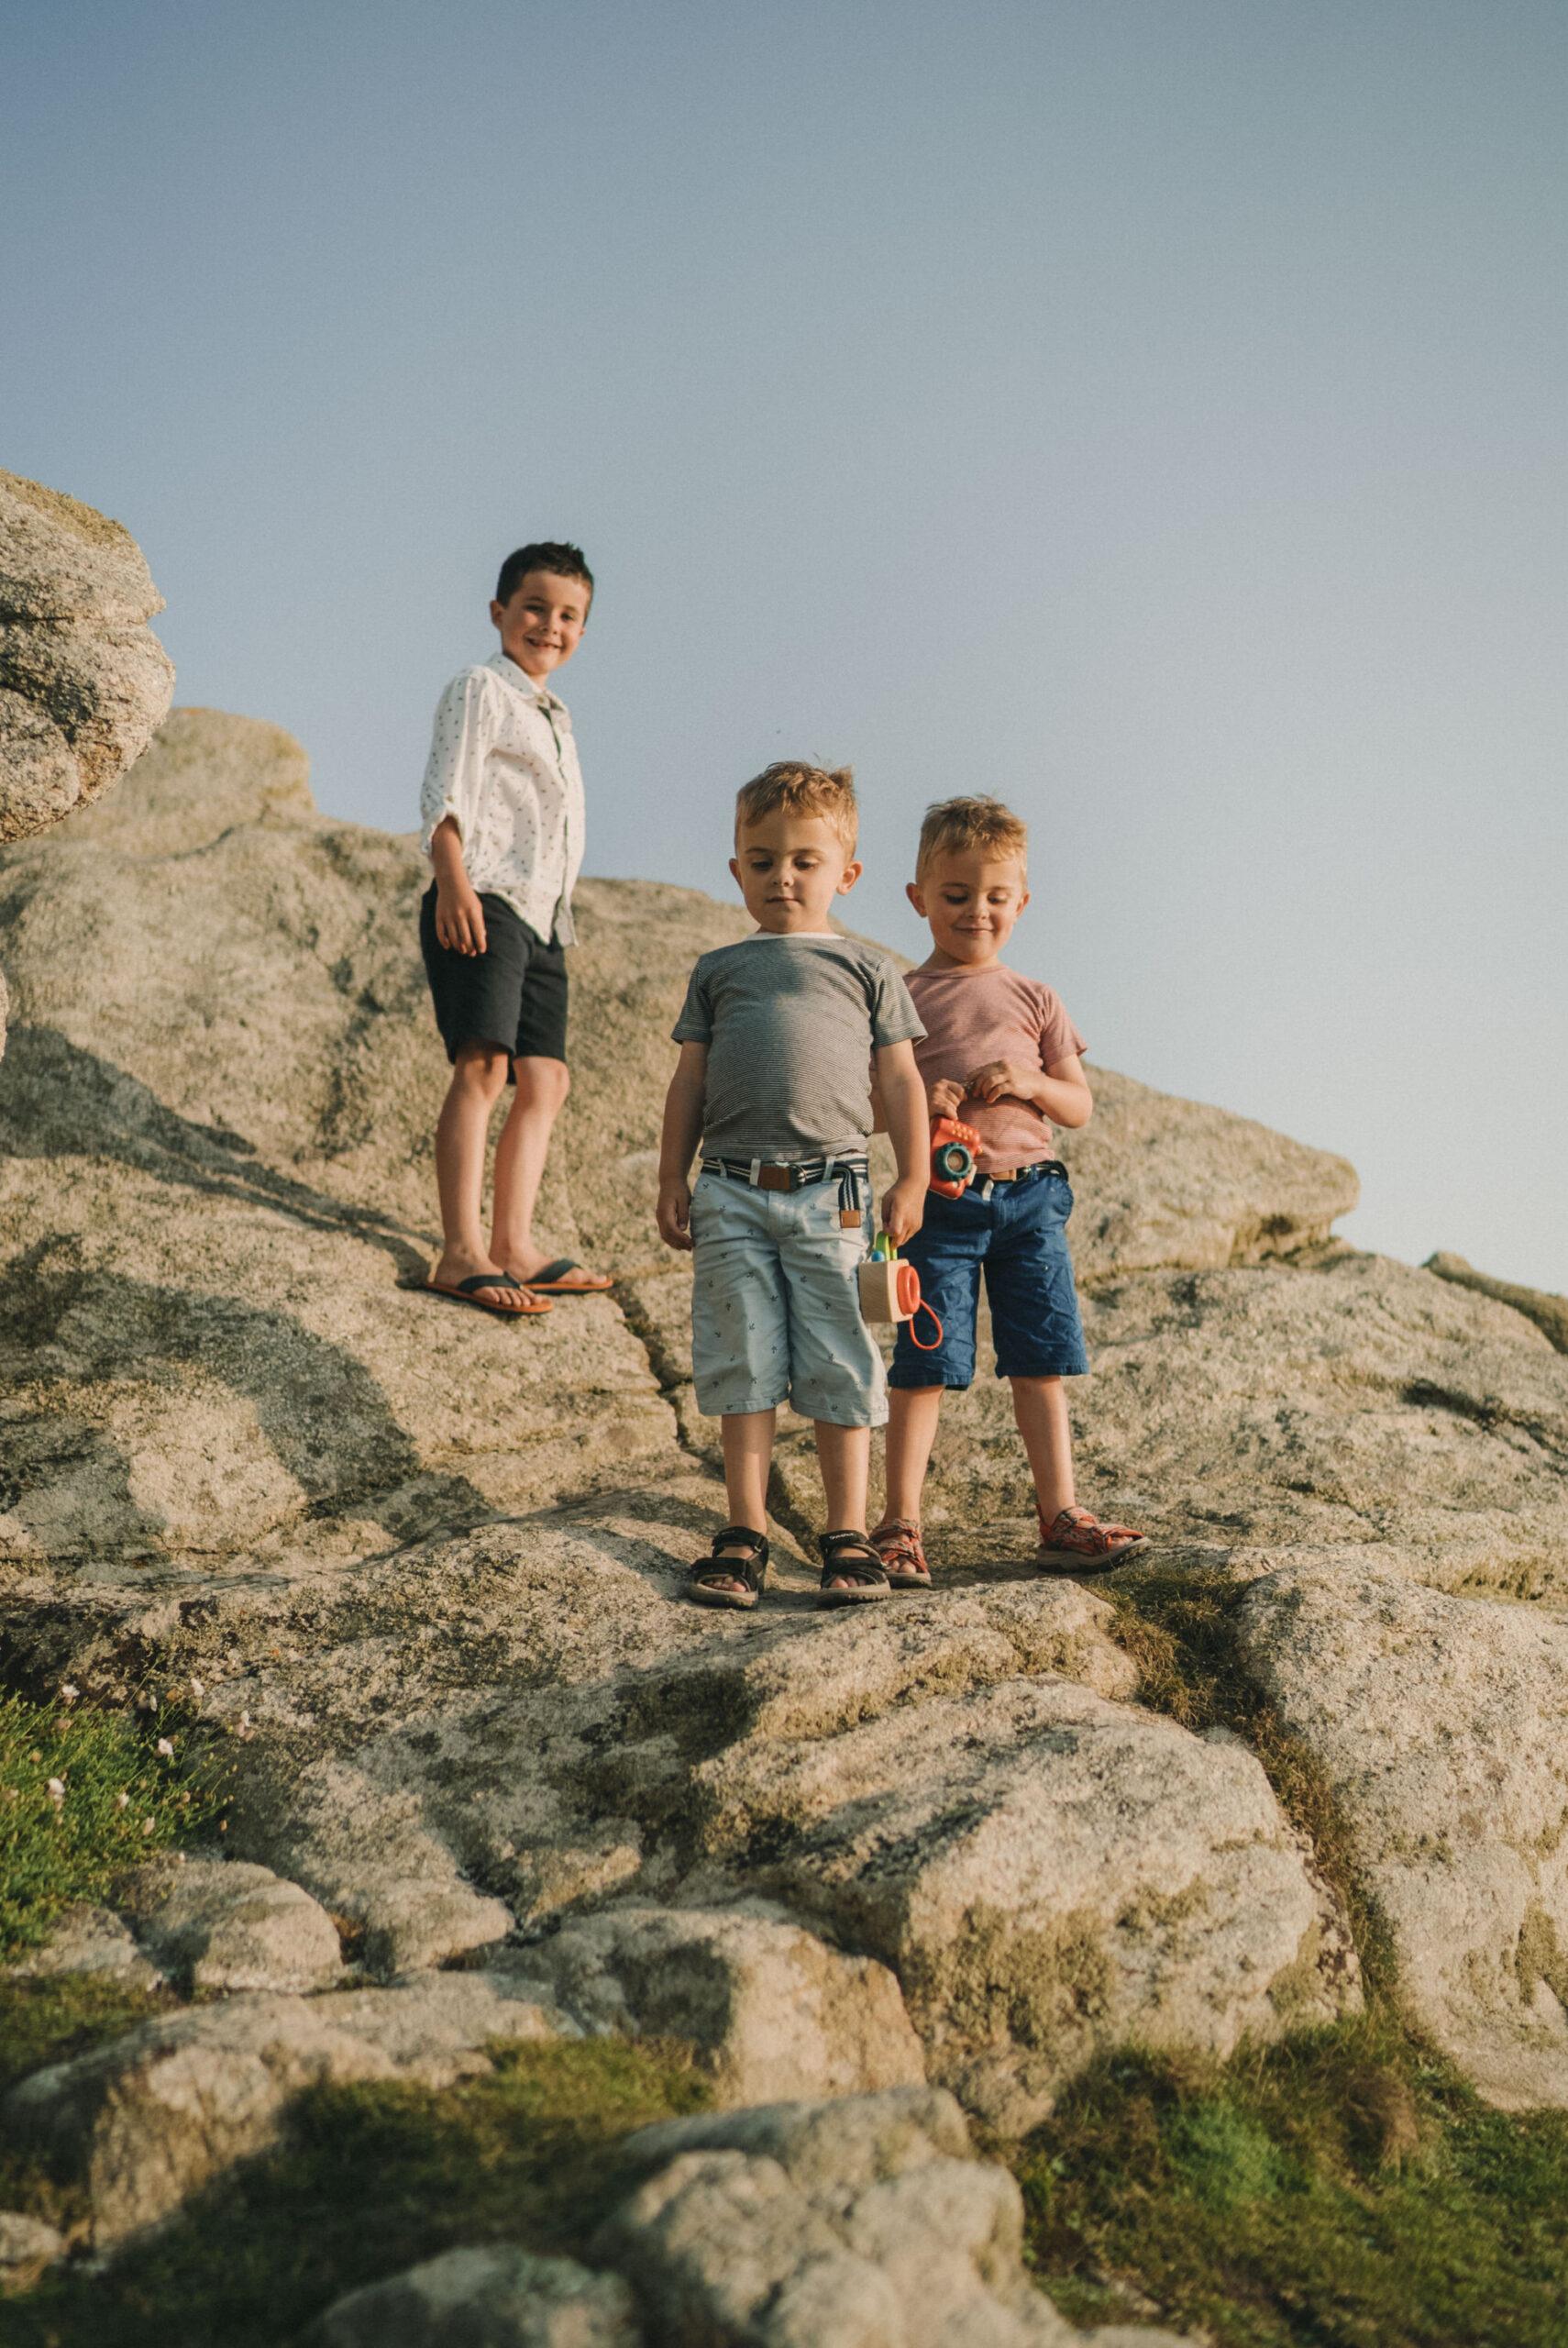 2021.07.20 Photo De Famille A Porspoder En Bretagne Par Antoine Borzeix 196 Scaled, Photographe & Videaste à Brest / Finistère